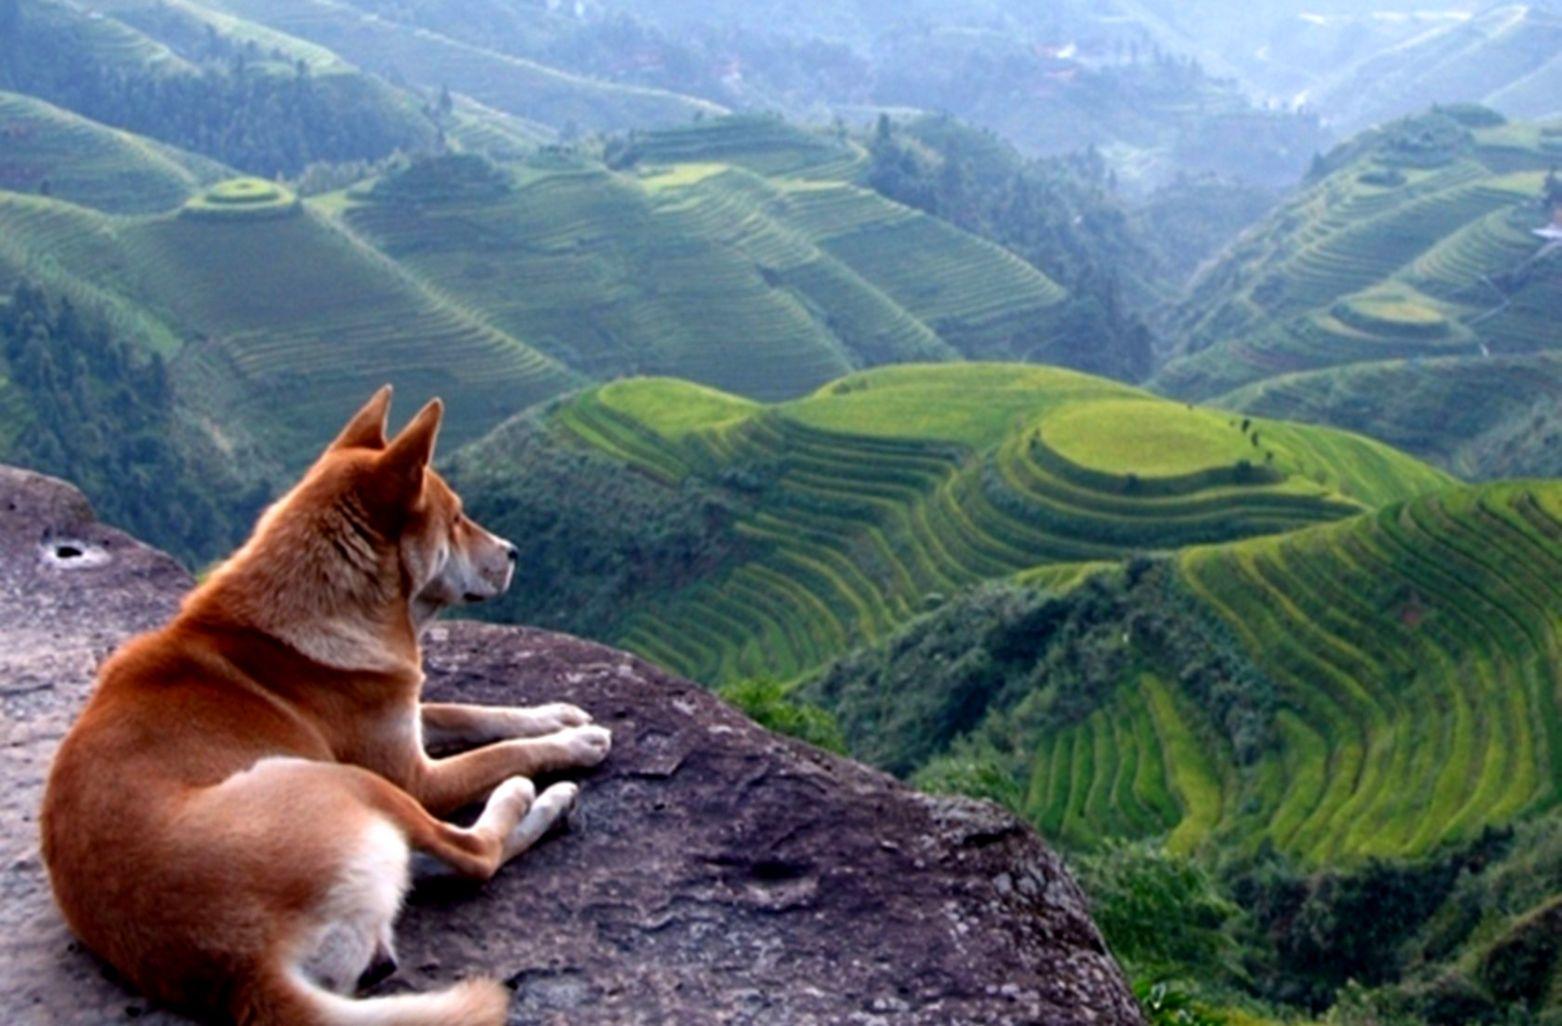 German Shepherd In Mountain Wallpaper Hd One Wallpapers